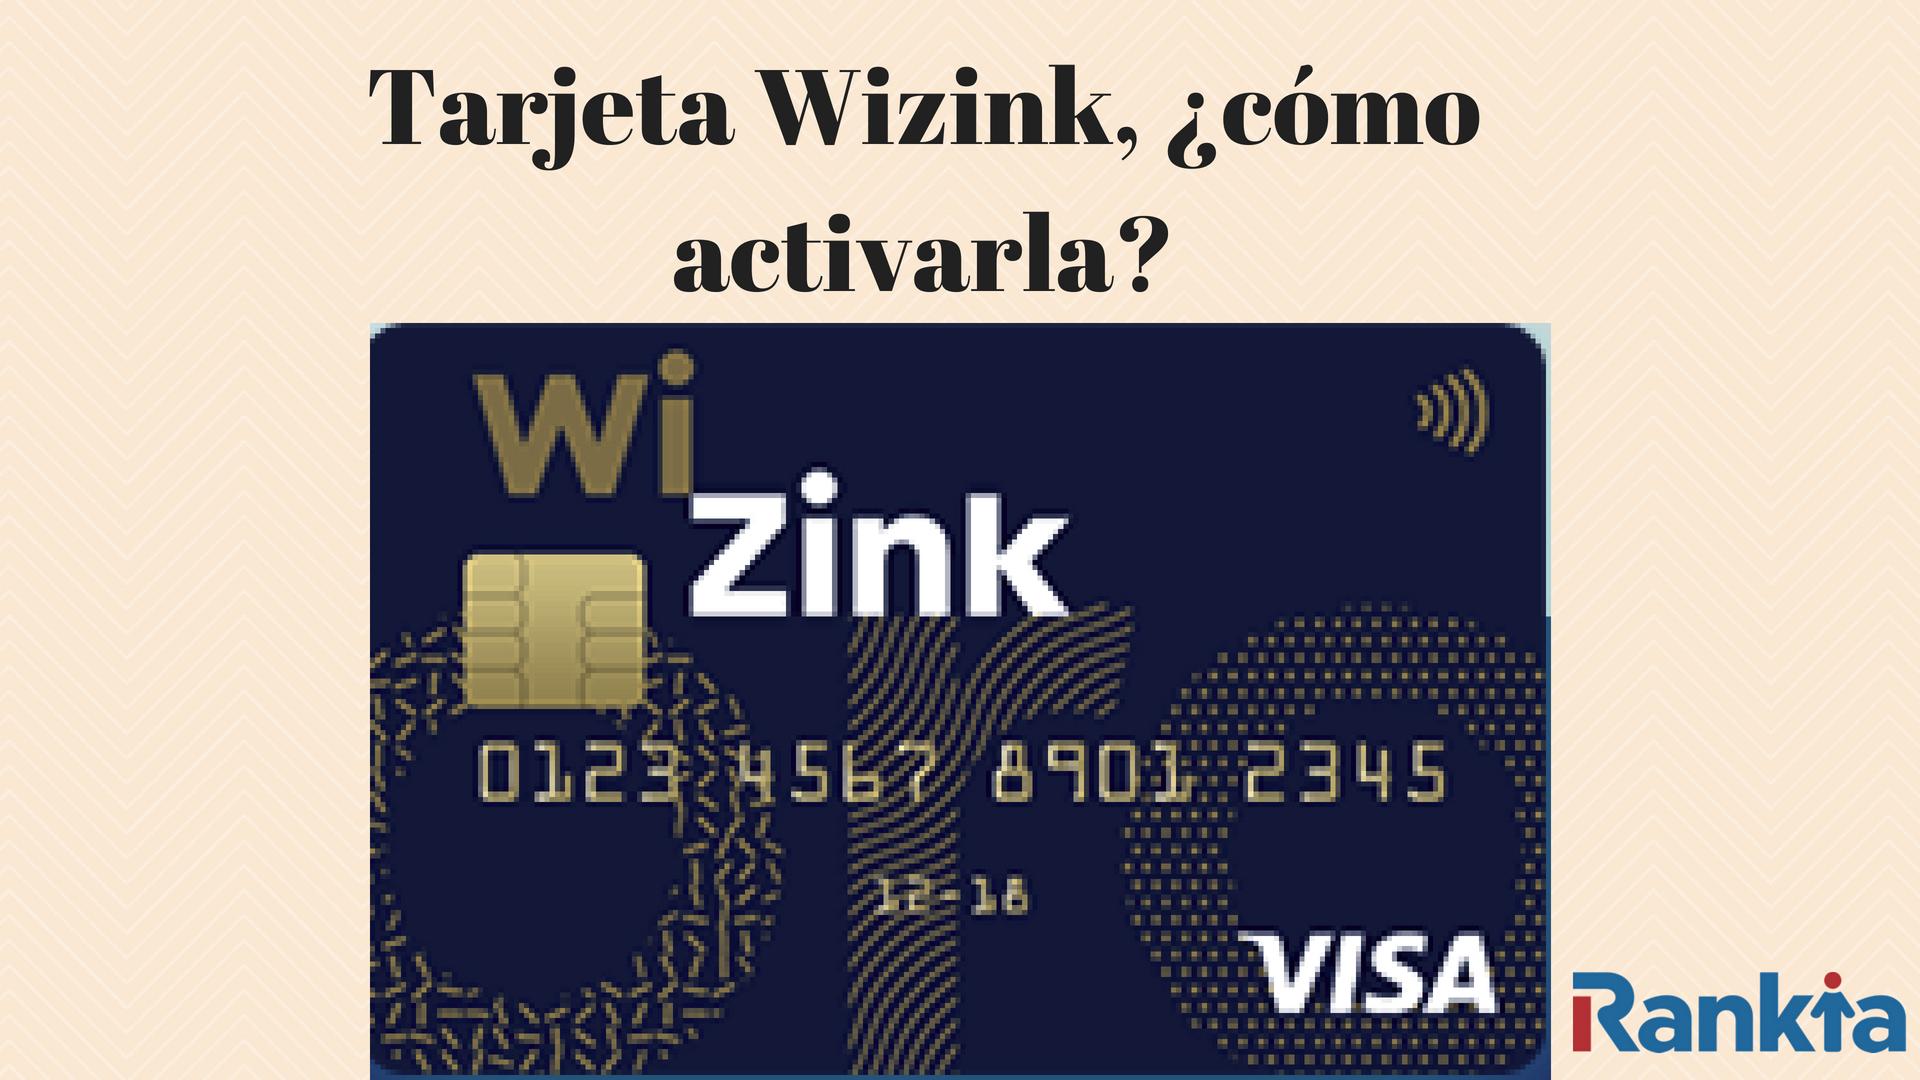 tarjeta wizink cómo activarla